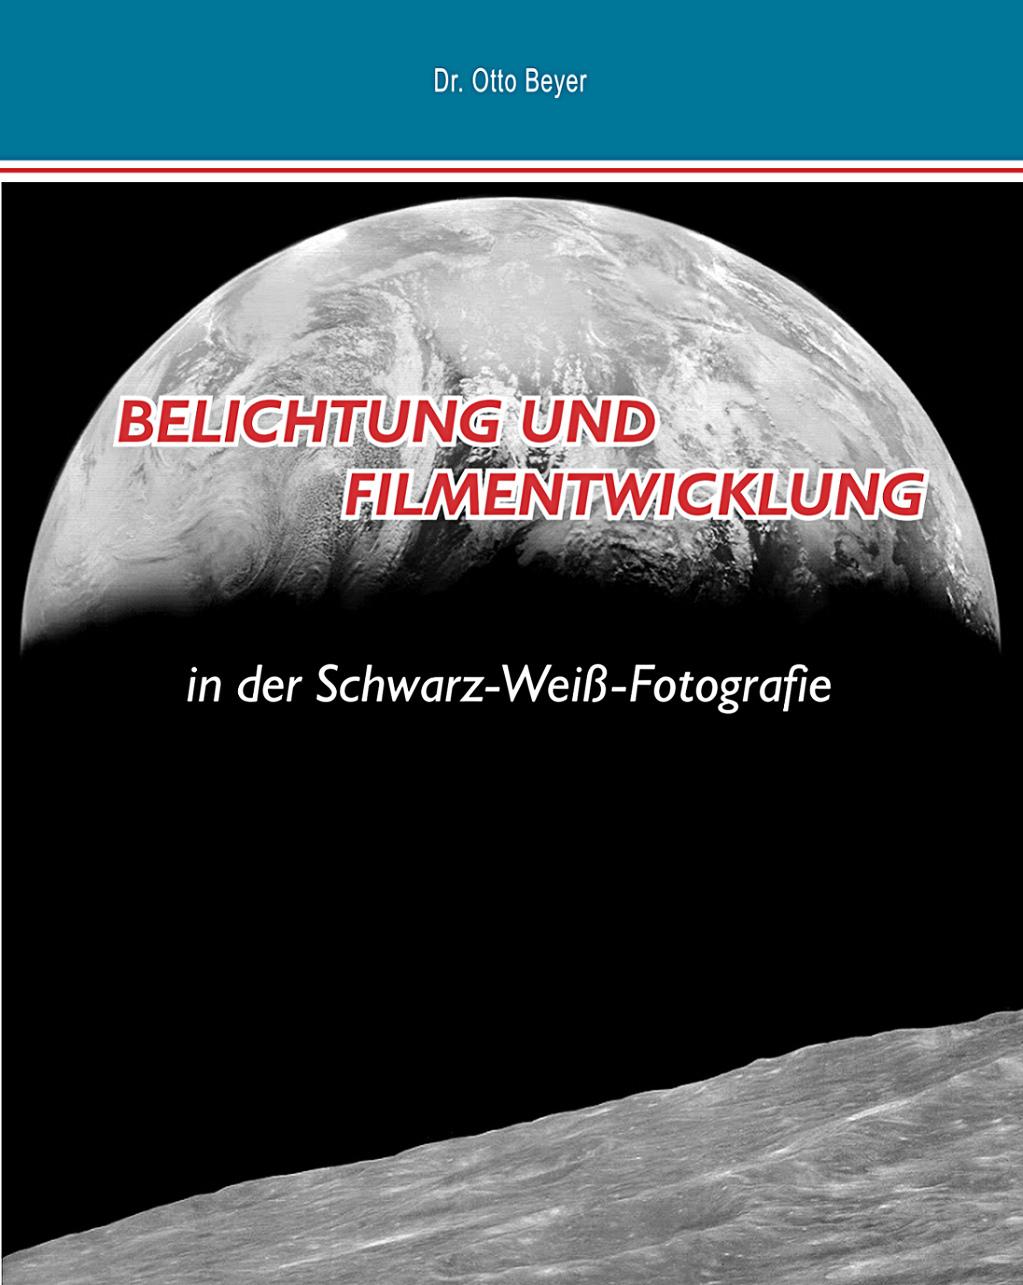 Belichtung und Filmentwicklung